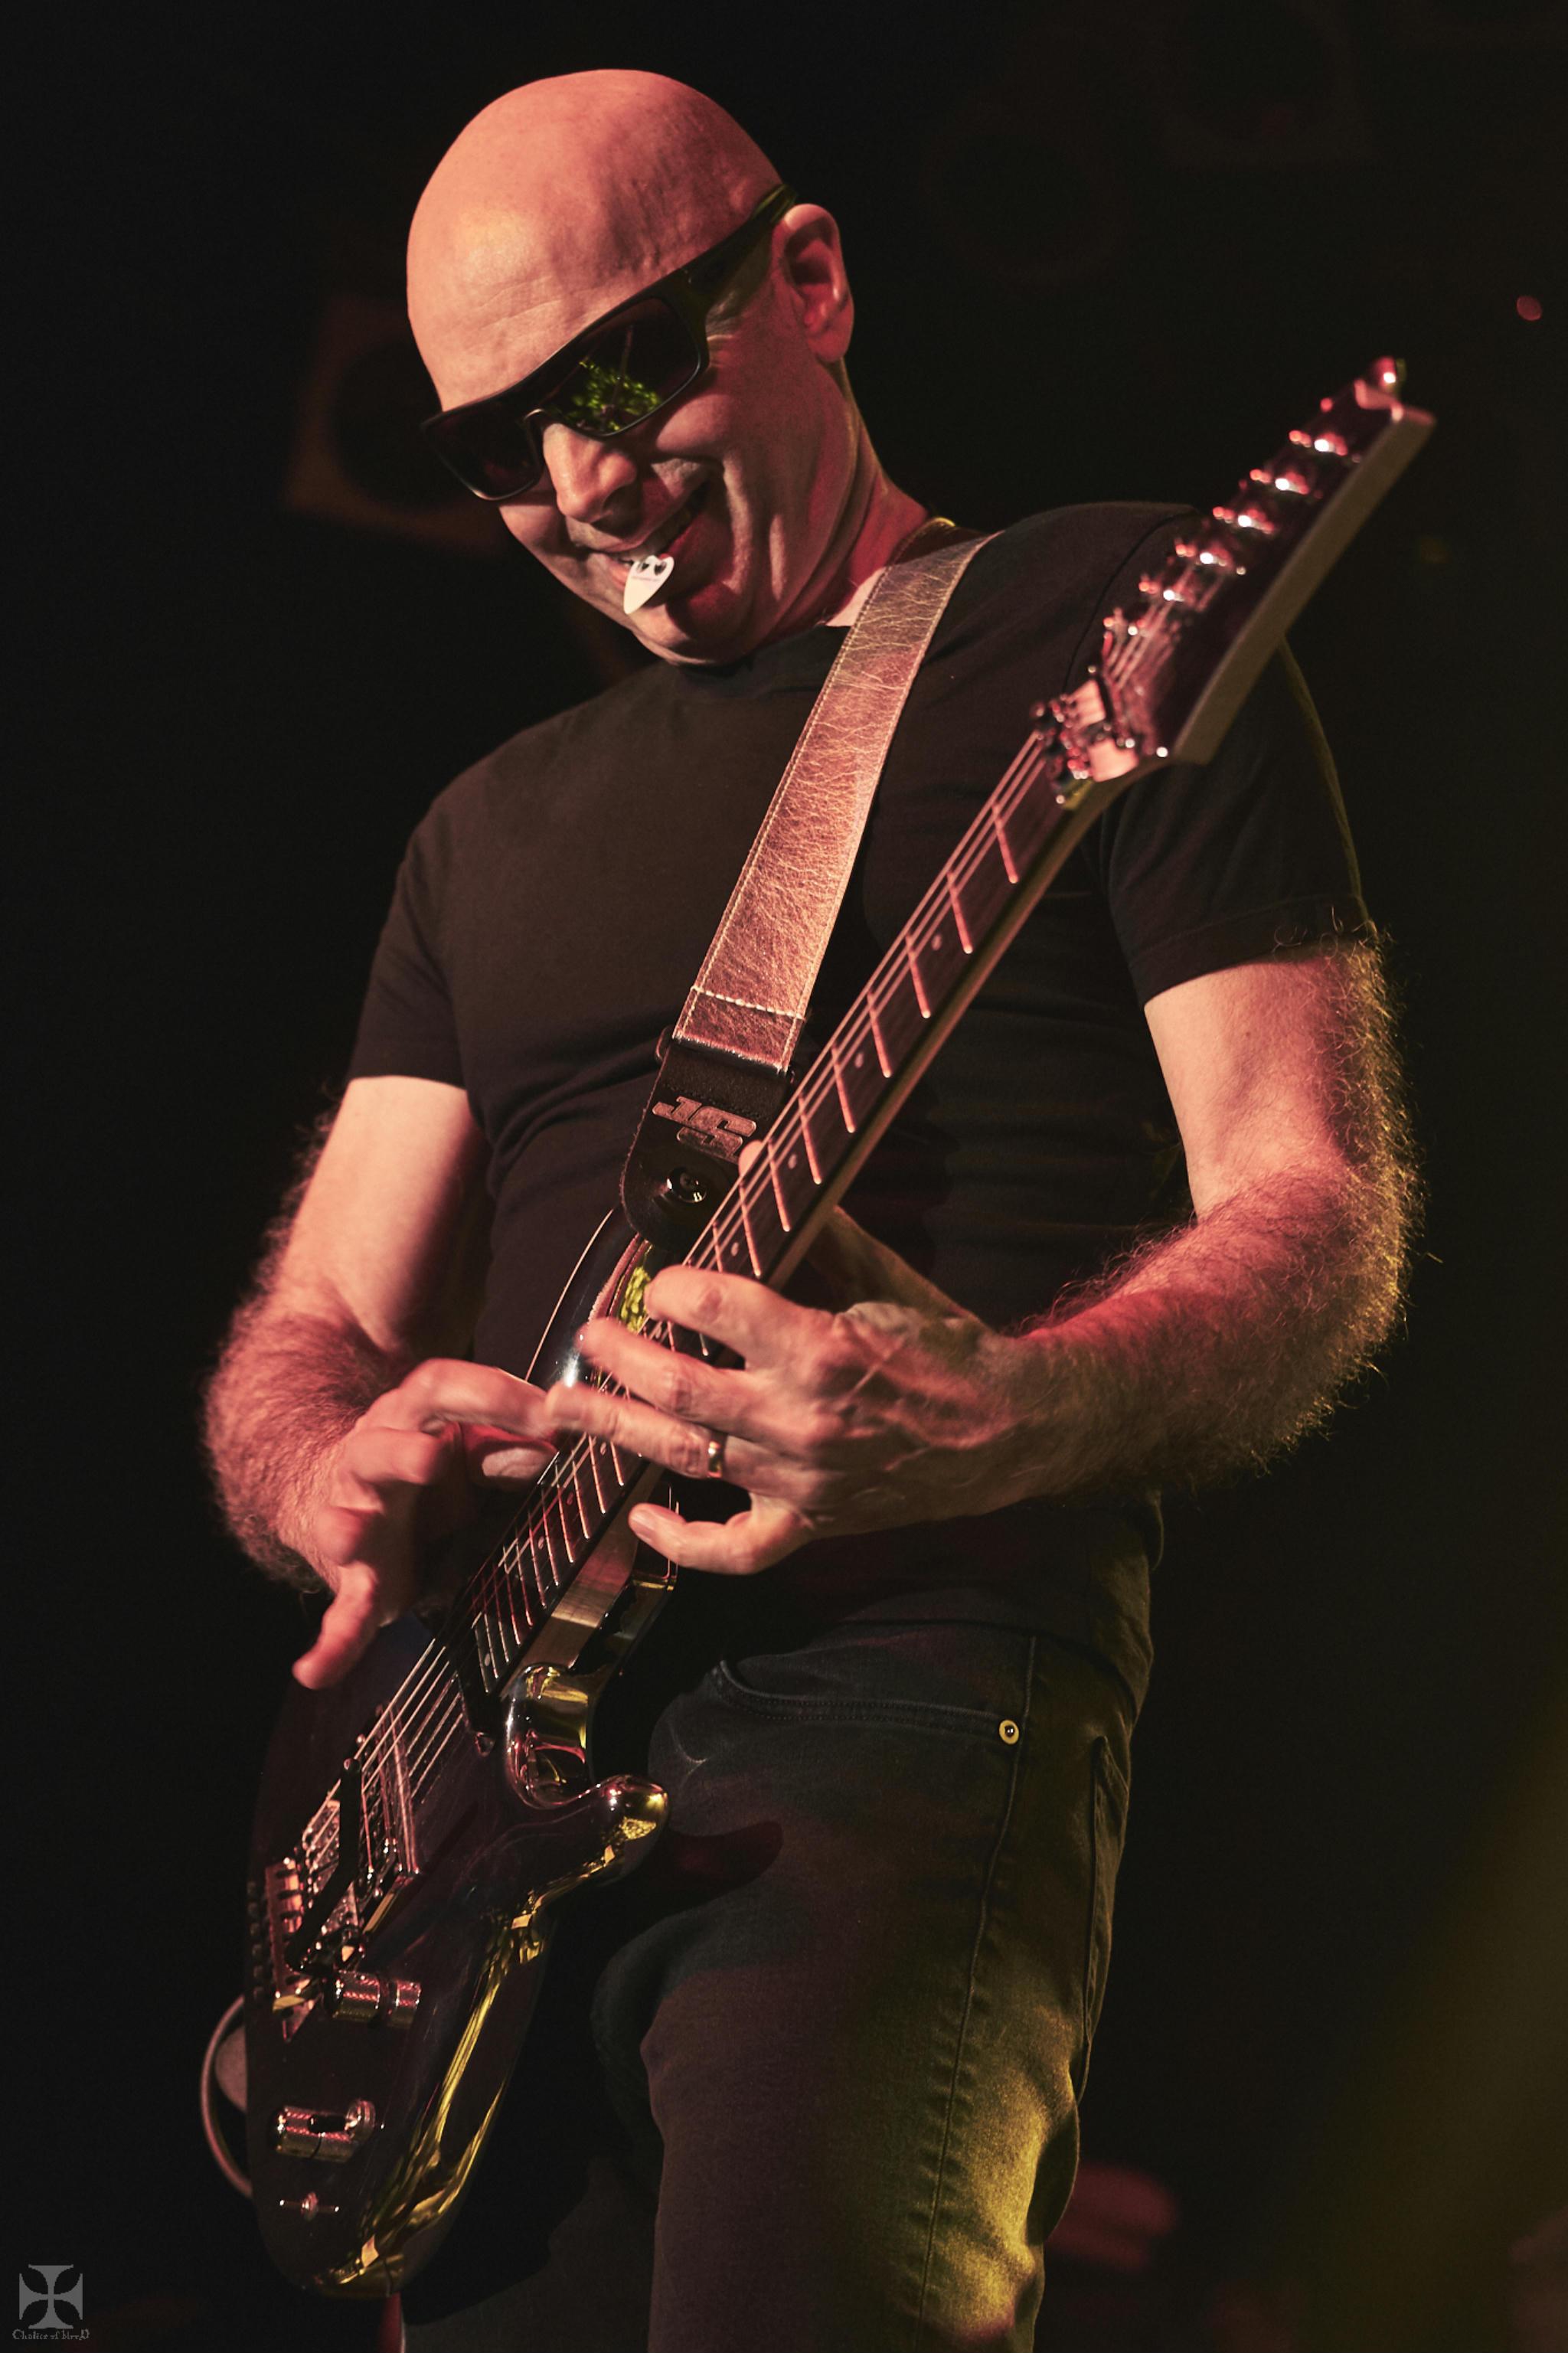 2018.12.04 Joe Satriani - DSCF6930_branded.jpg